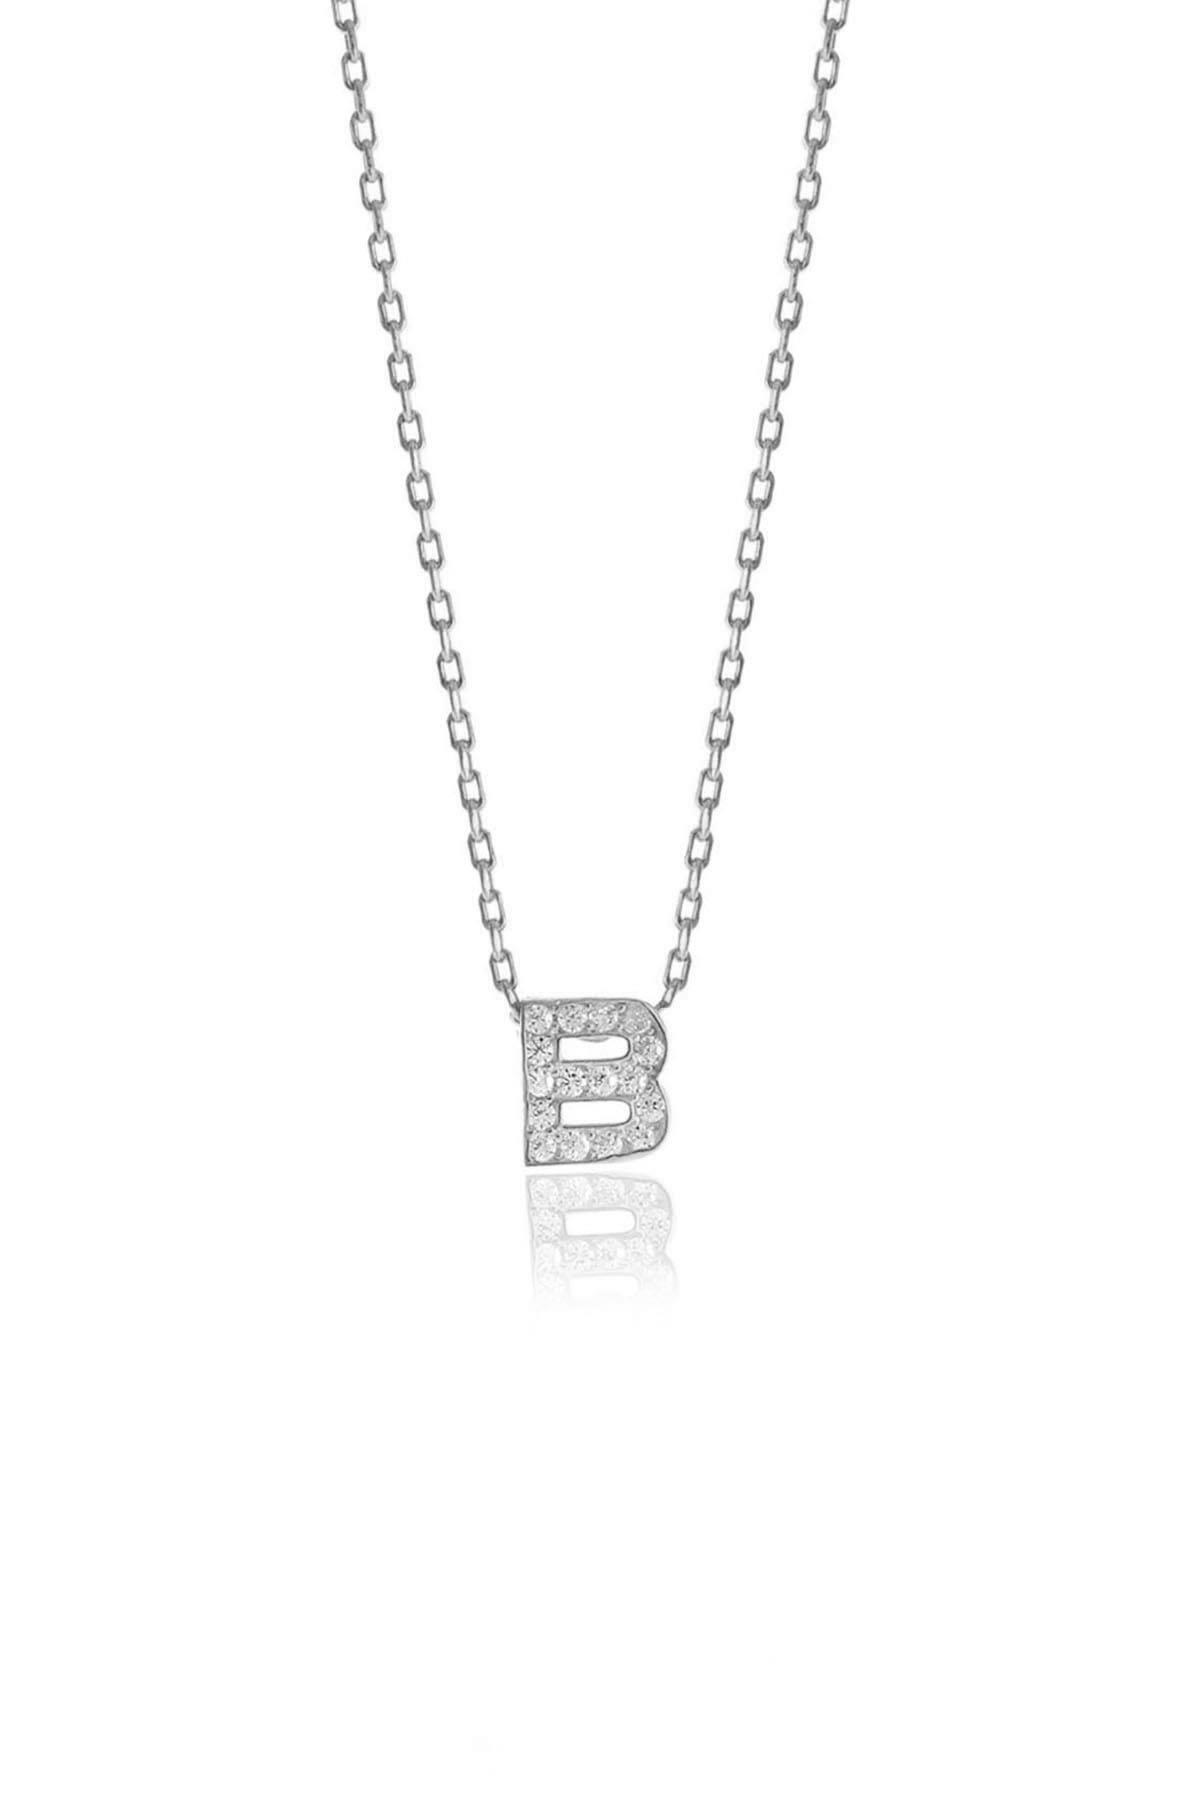 Söğütlü Silver Gümüş  Rodyumlu Üç Boyutlu Minimal B Gümüş Harf Kolye 0